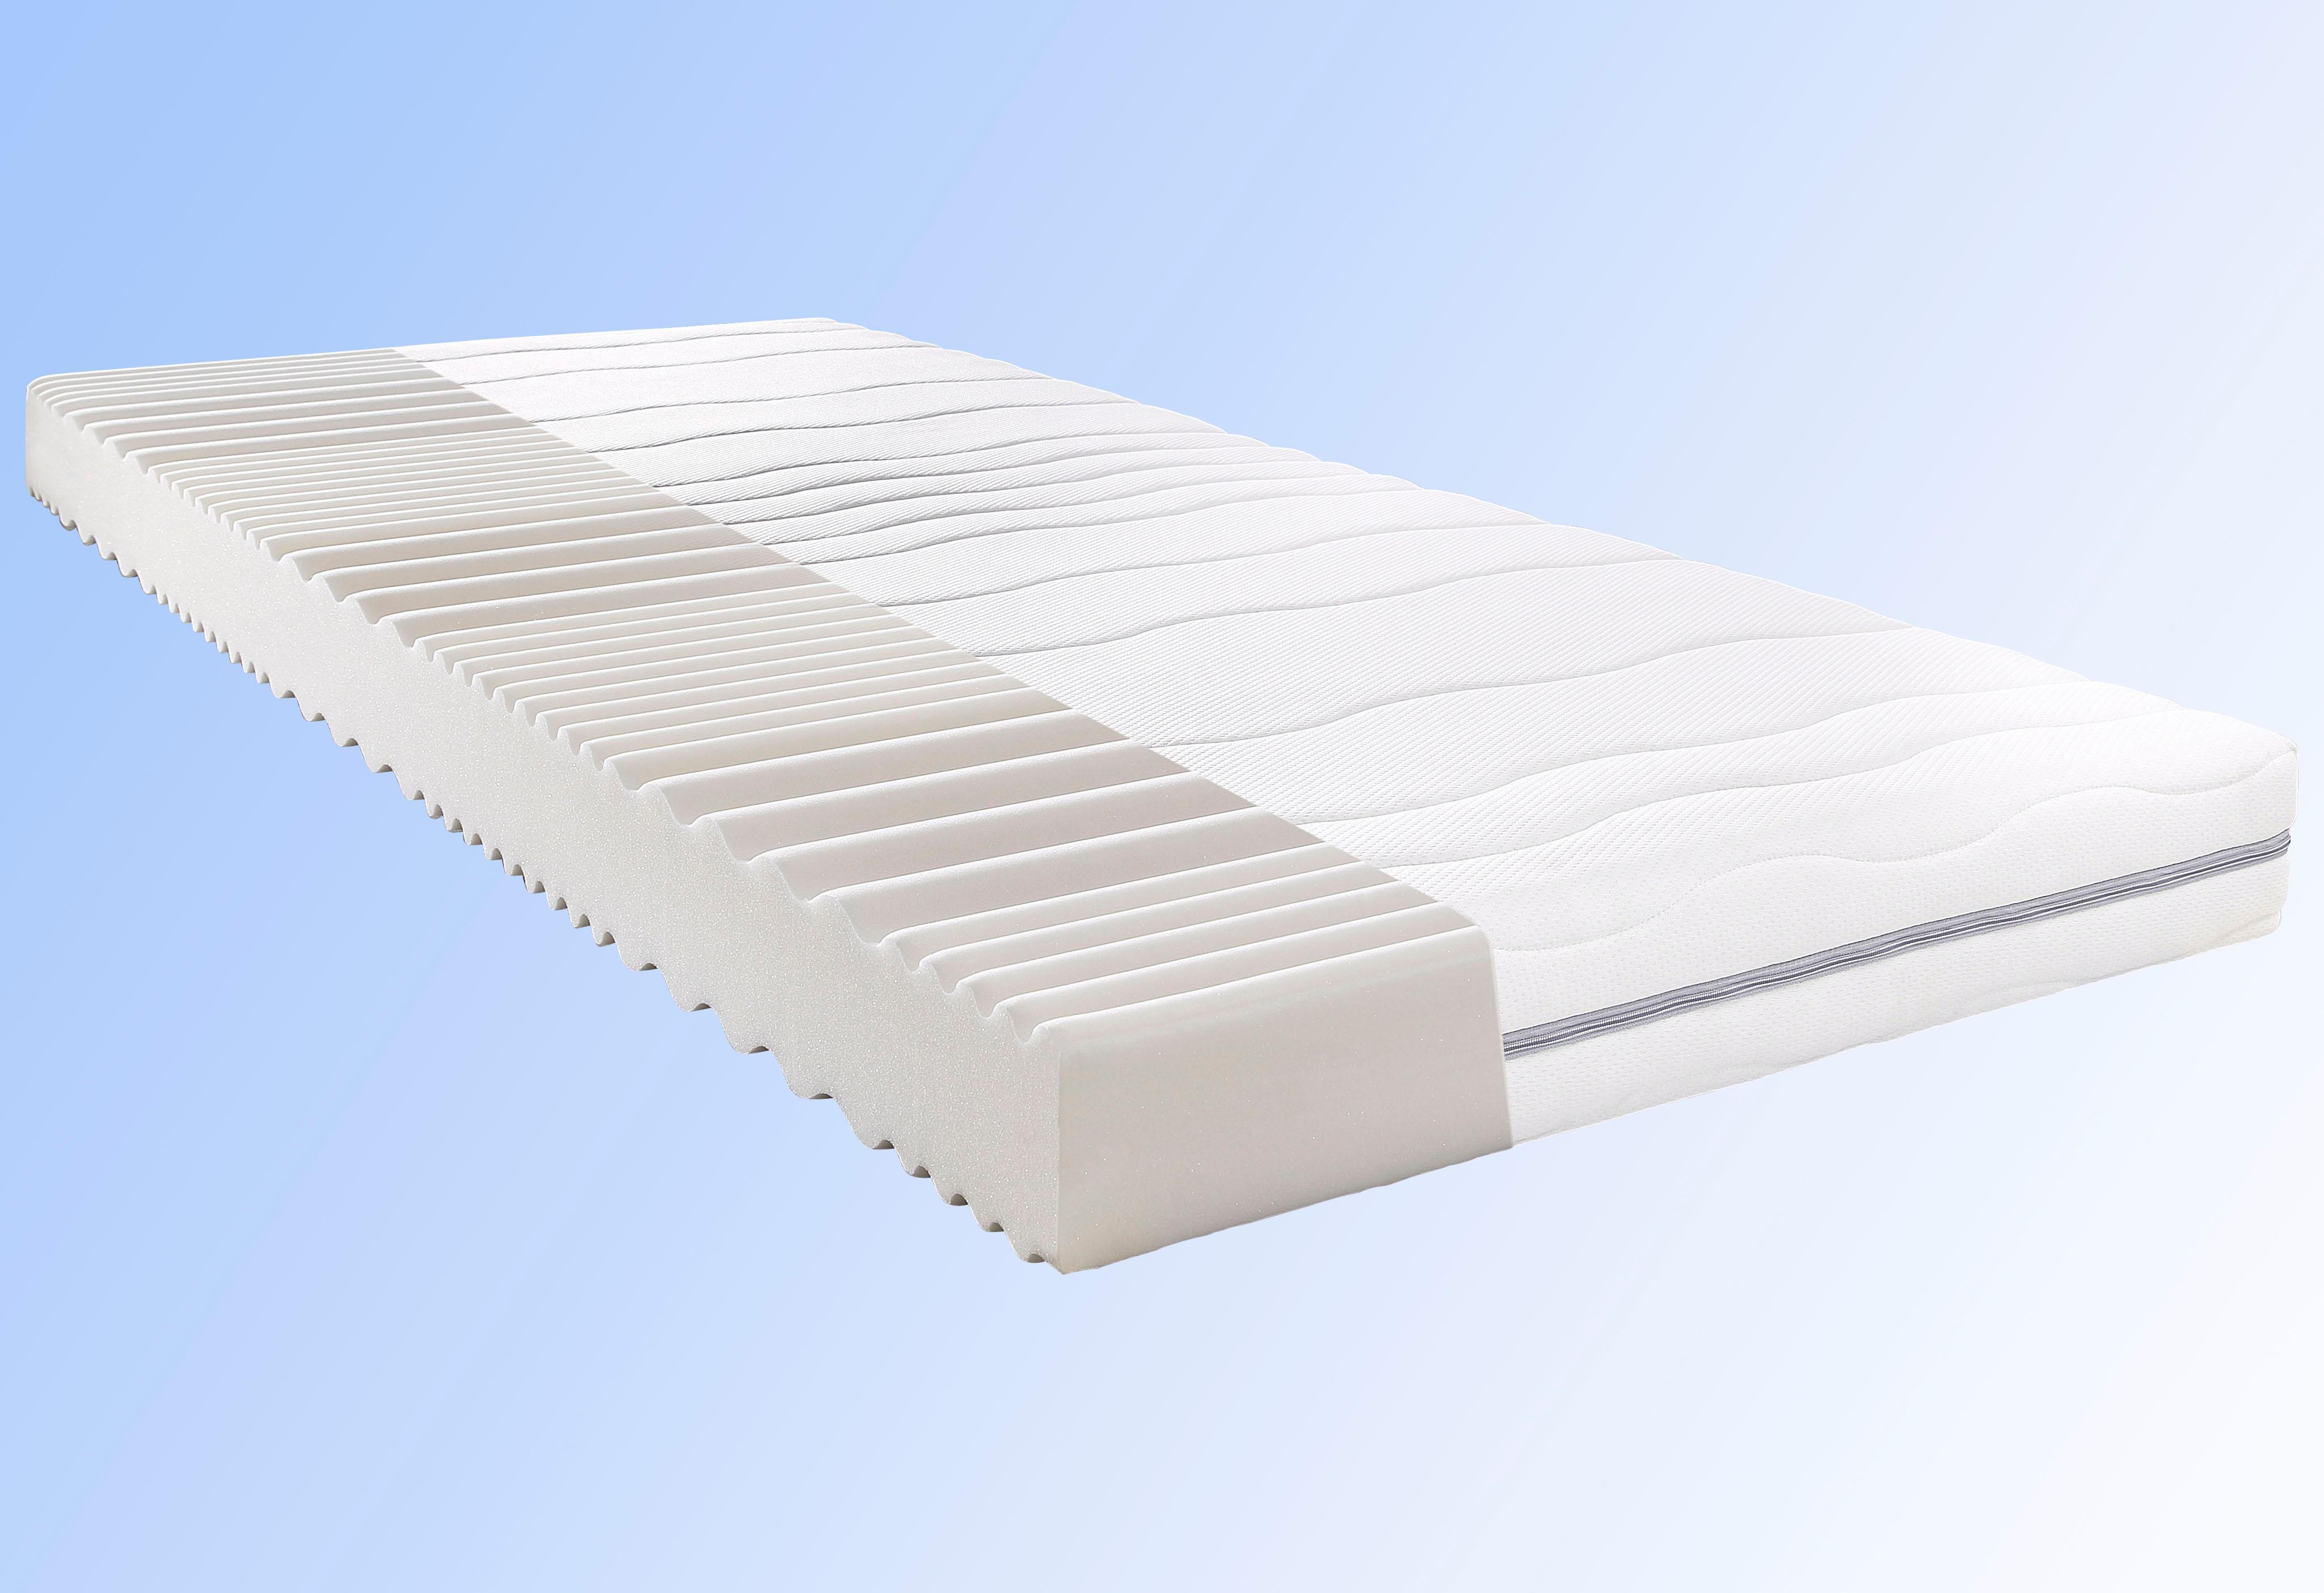 Komfortschaummatratze My Sleep Komfort Beco 15 cm hoch